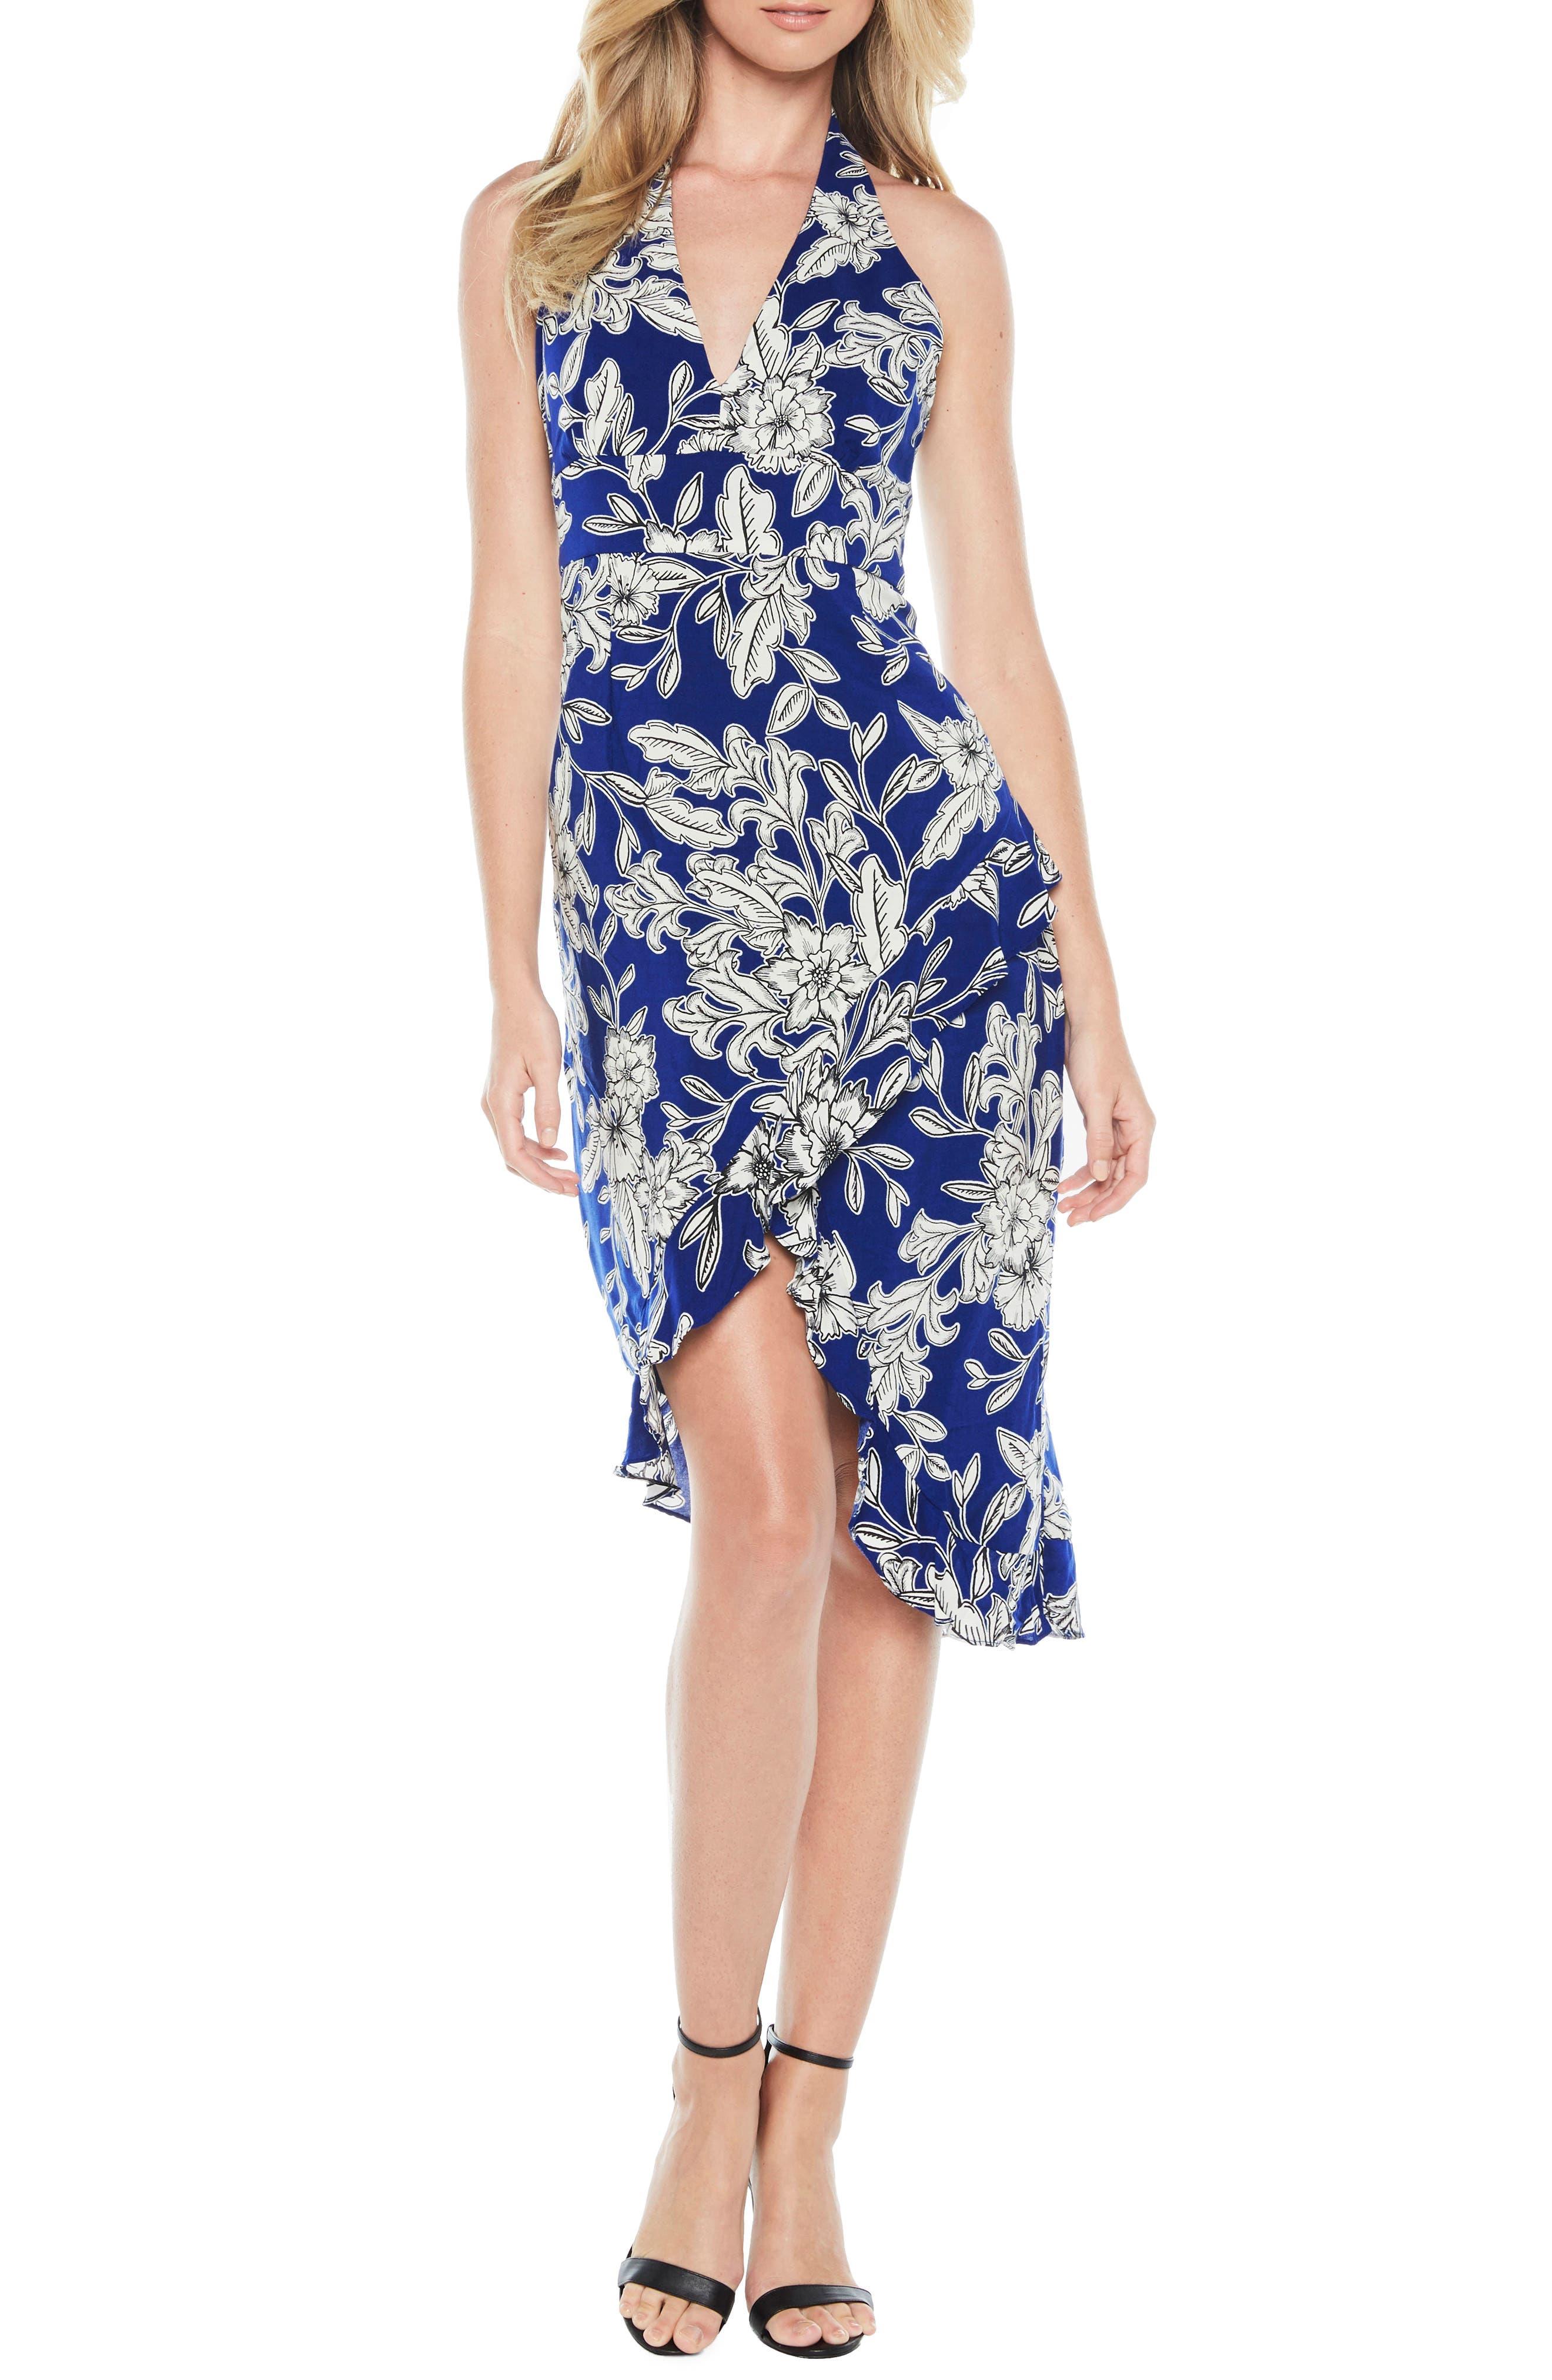 Petra Floral Dress,                             Main thumbnail 1, color,                             Cobalt Floral